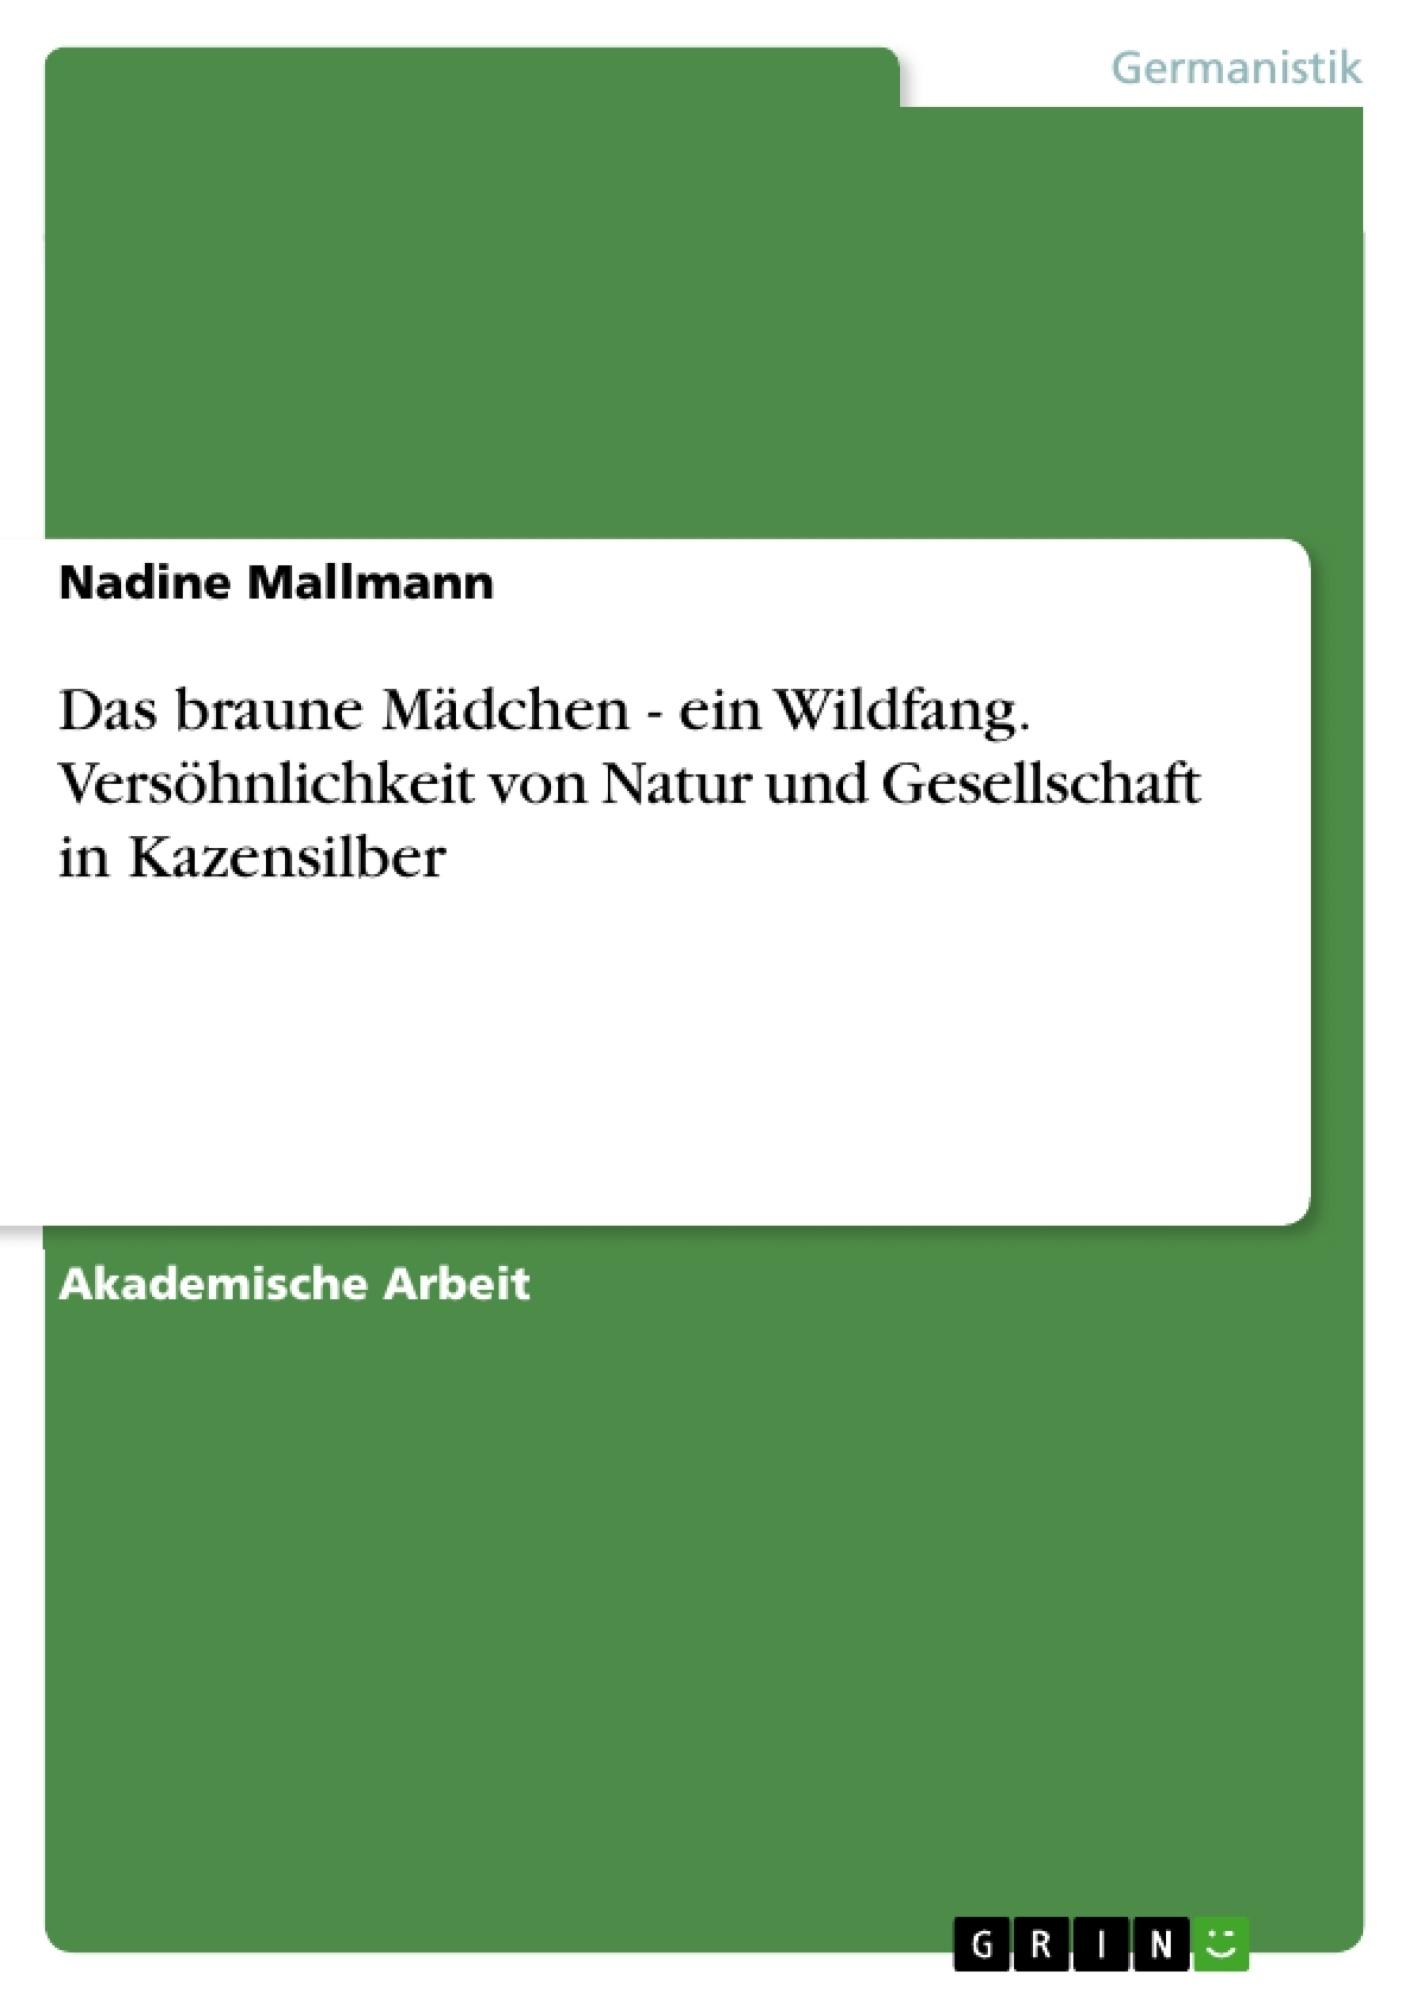 Titel: Das braune Mädchen - ein Wildfang. Versöhnlichkeit von Natur und Gesellschaft in Kazensilber